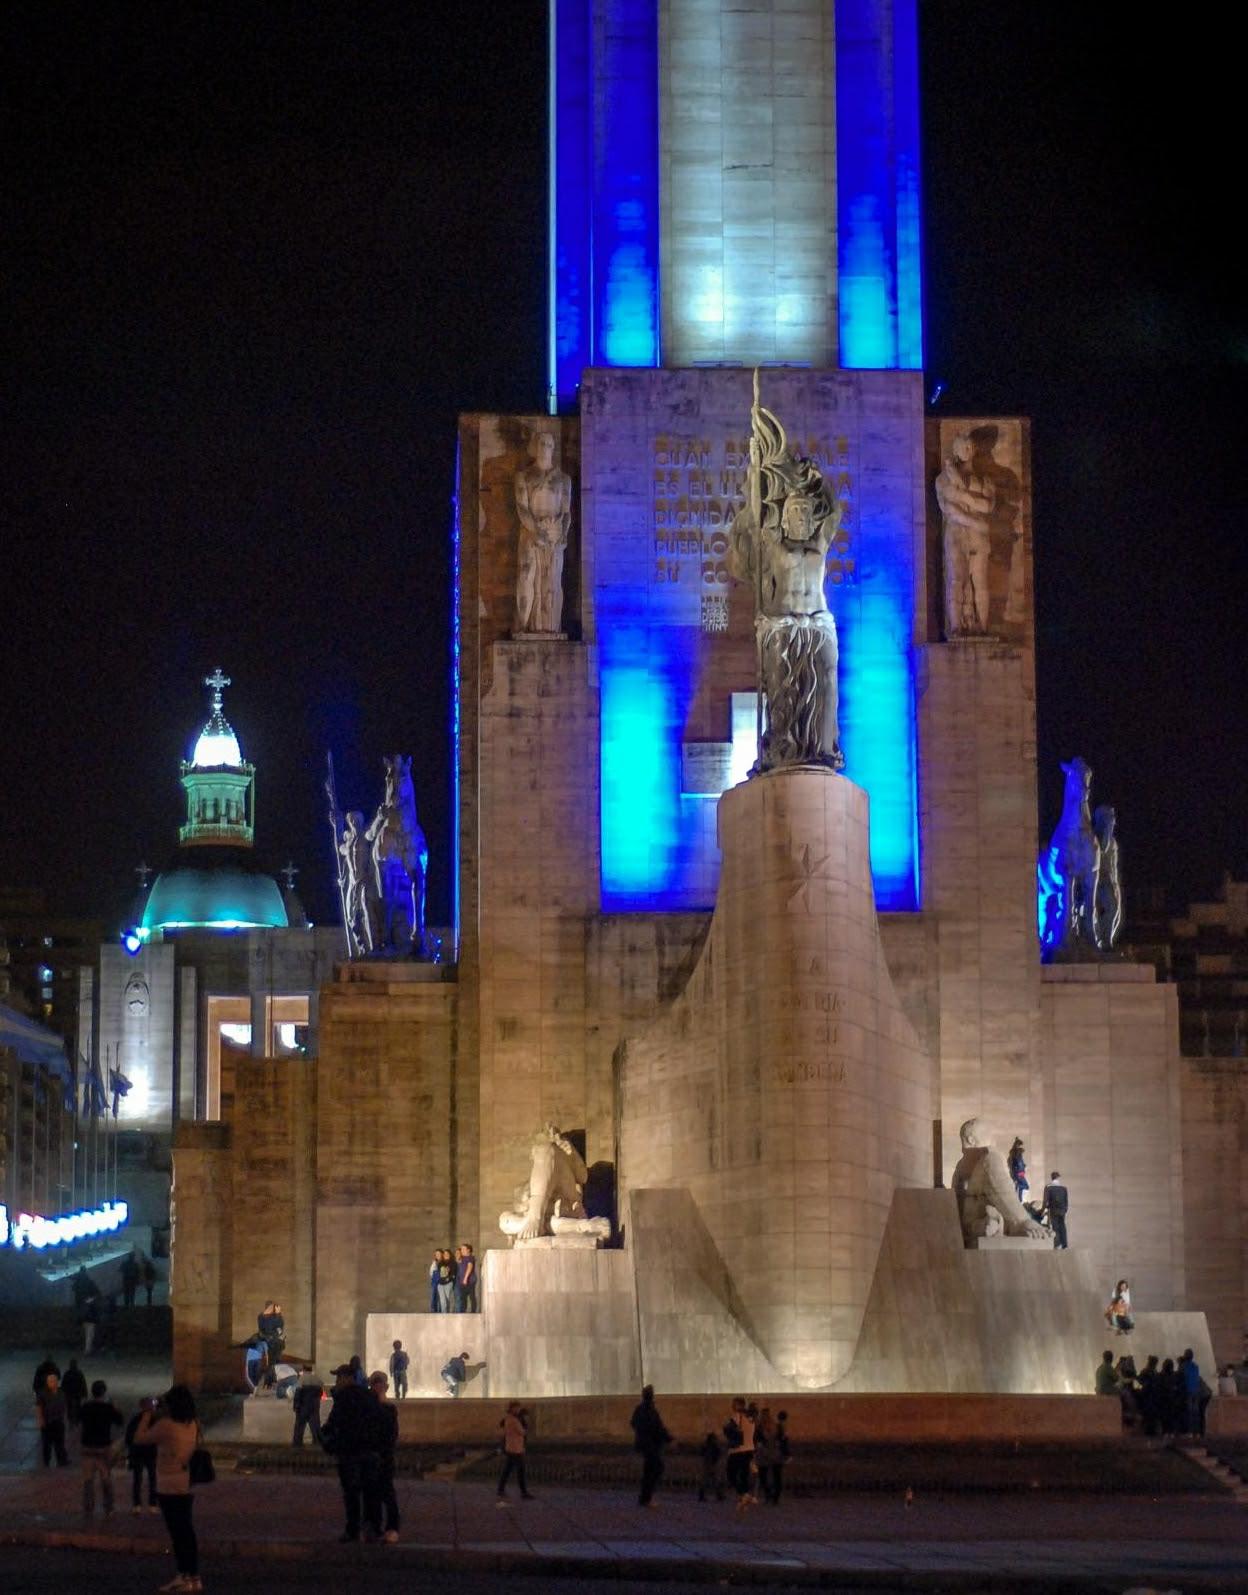 Noche en el Monumento a la Bandera | pic in comment